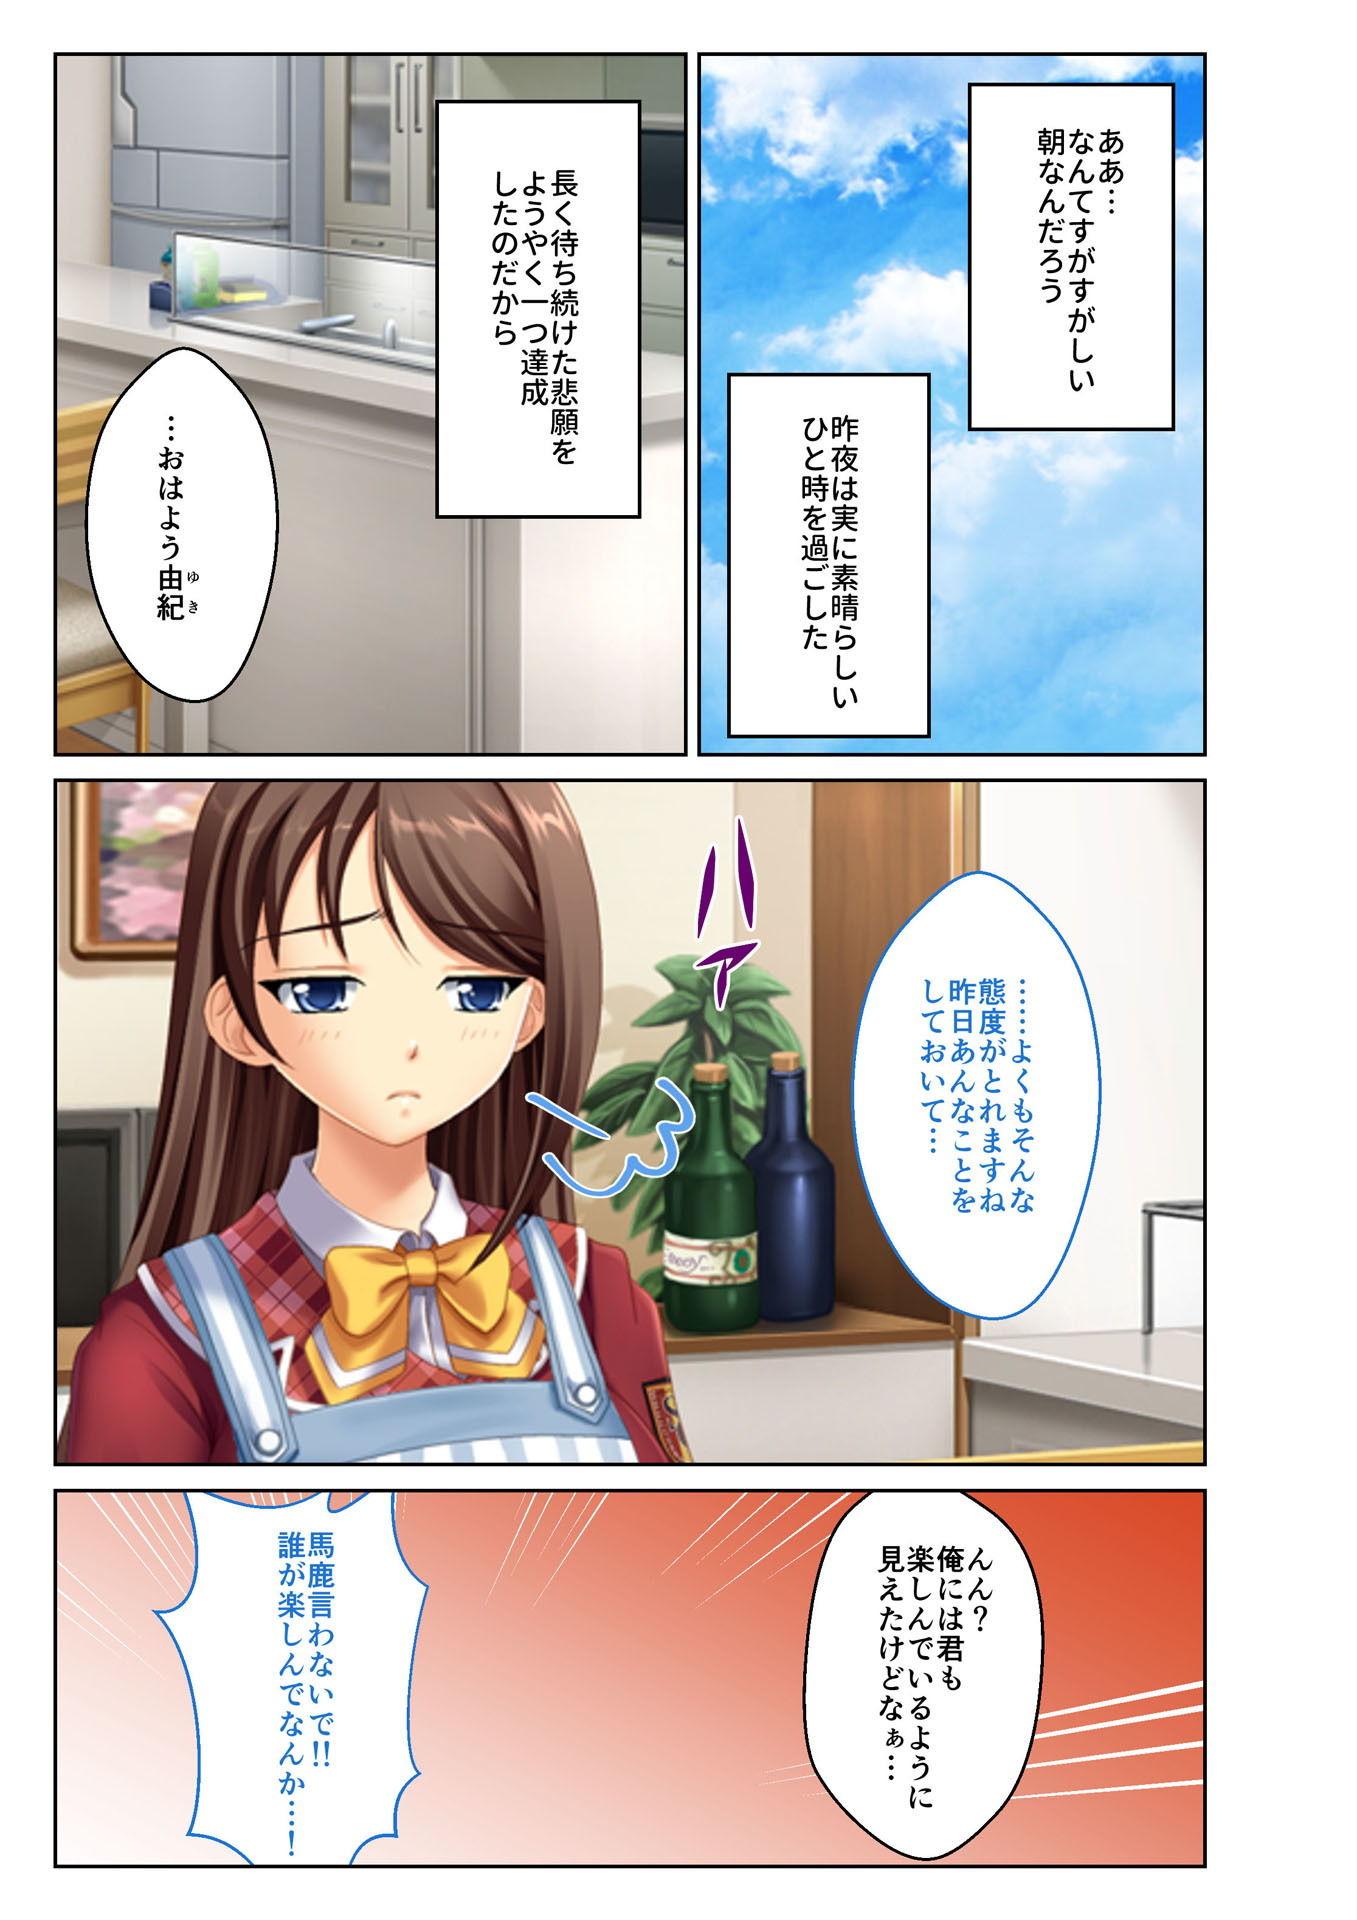 【どろっぷす! 同人】義娘寝取り~嫌がるJKに強制挿入~(3)フルカラーコミック版